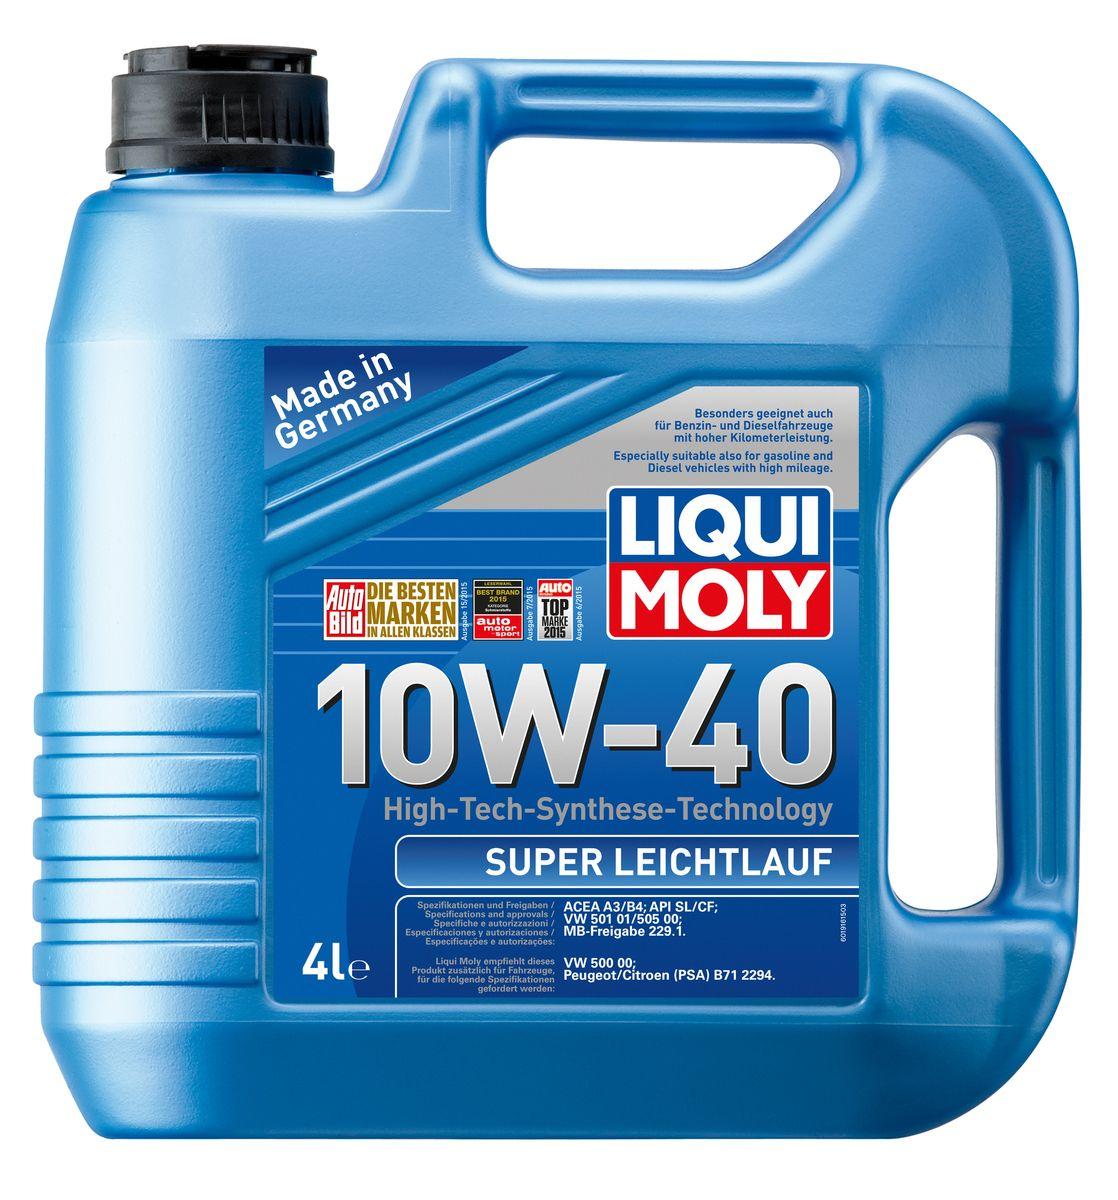 Масло моторное Liqui Moly Super Leichtlauf, НС-синтетическое, 10W-40, 4 л1916Масло моторное Liqui Moly Super Leichtlauf - универсальное моторное масло на базе гидрокрекинговой технологии синтеза (HC-синтеза). Удовлетворяет современным требованиям международных стандартов API и ACEA, а также имеет оригинальные допуски таких производителей, как Mercedes-Benz, Volkswagen Group. Масло имеет высокую стабильность к окислению и угару, поэтому может использоваться в нагруженных бензиновых и дизельных двигателях с турбонаддувом и интеркулером. В моторном масле Leichtlauf Super 10W-40 используются базовые компоненты, произведенные по новейшим технологиям синтеза и отличающиеся высочайшими защитными свойствами. Масло содержит современный пакет присадок, который обеспечивает высокий уровень защиты от износа и гарантирует стабильное поступление масла ко всем деталям двигателя. Особенности: - Высокая стабильность масляной пленки при высоких и низких температурах - Высокие противоизносные свойства - Обеспечивает оптимальную чистоту двигателя...